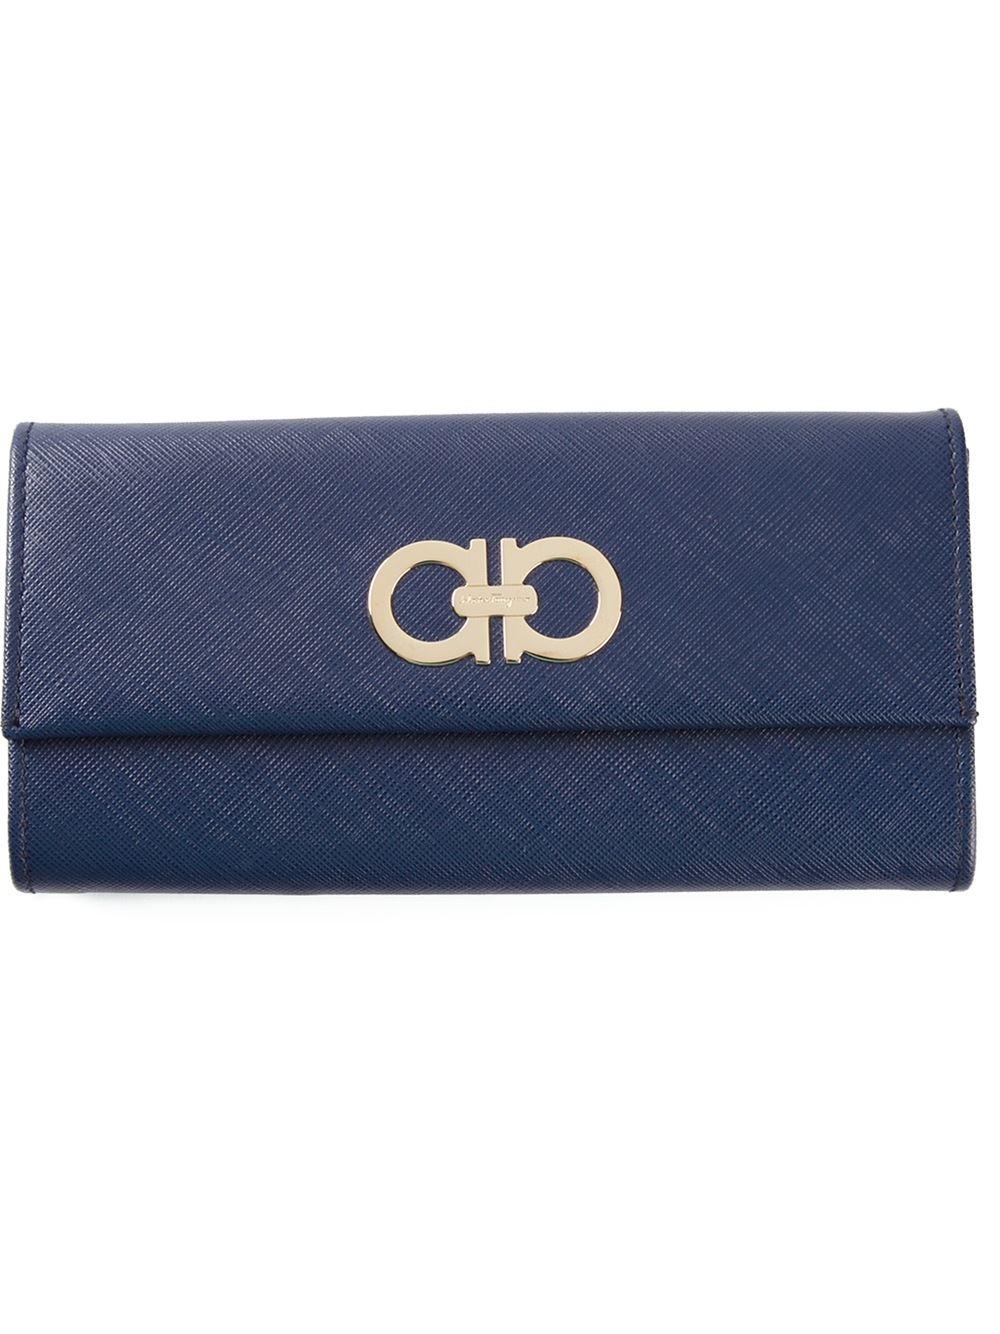 Ferragamo Gancini Flap Wallet in Blue - Lyst